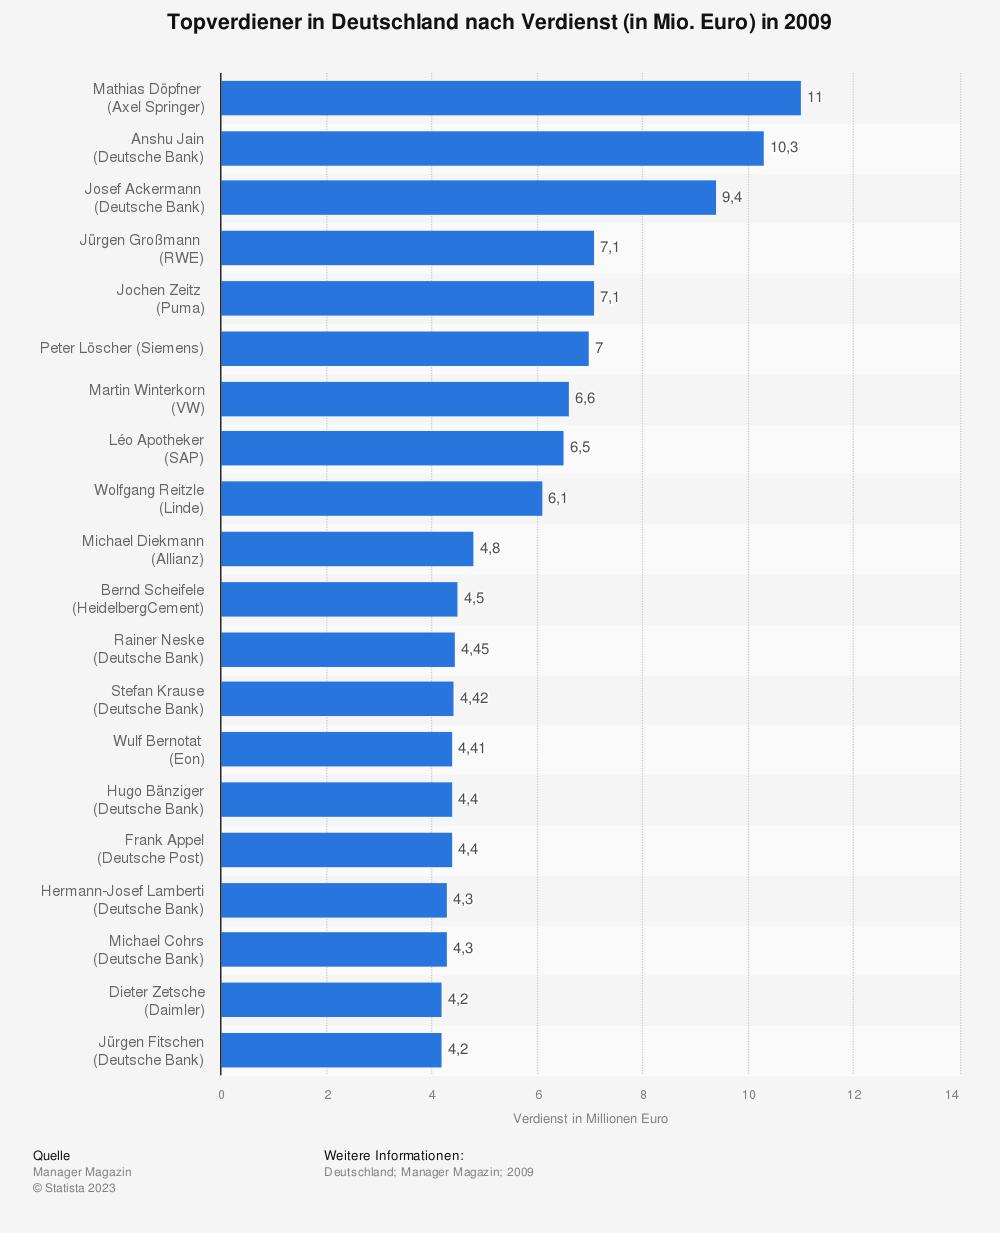 Statistik: Topverdiener in Deutschland nach Verdienst (in Mio. Euro) in 2009 | Statista